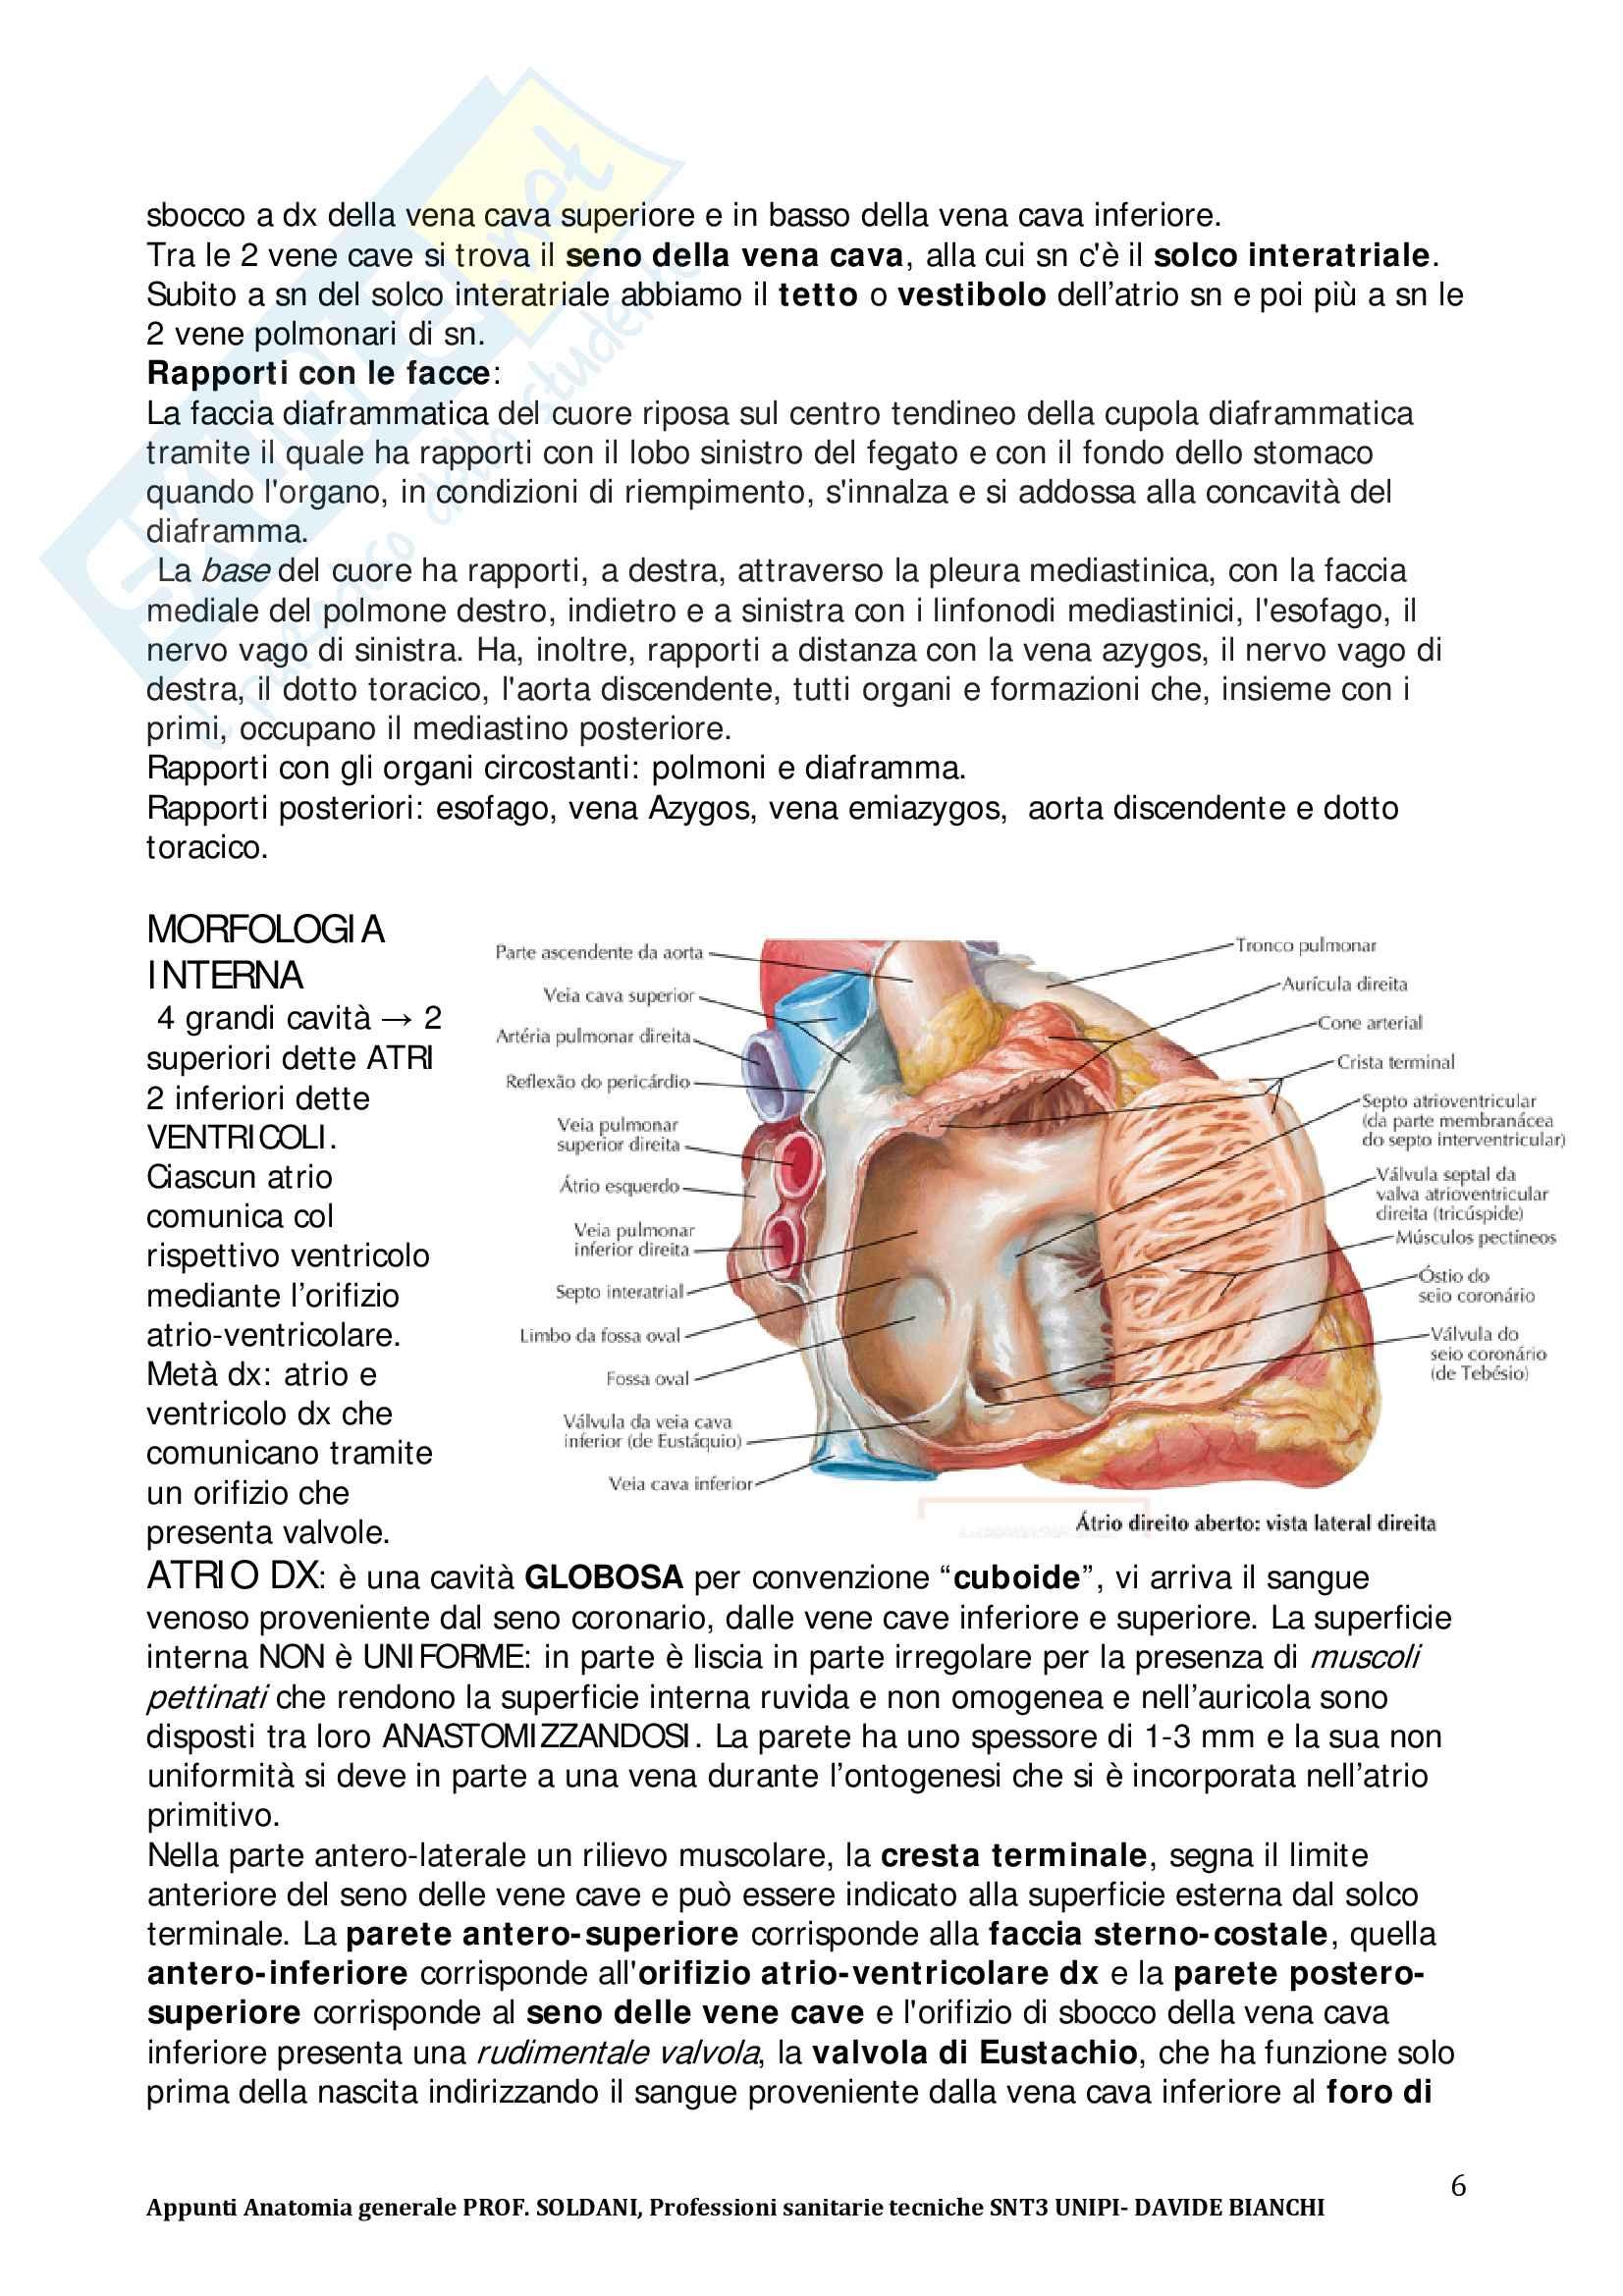 Anatomia per professioni sanitarie Pag. 6